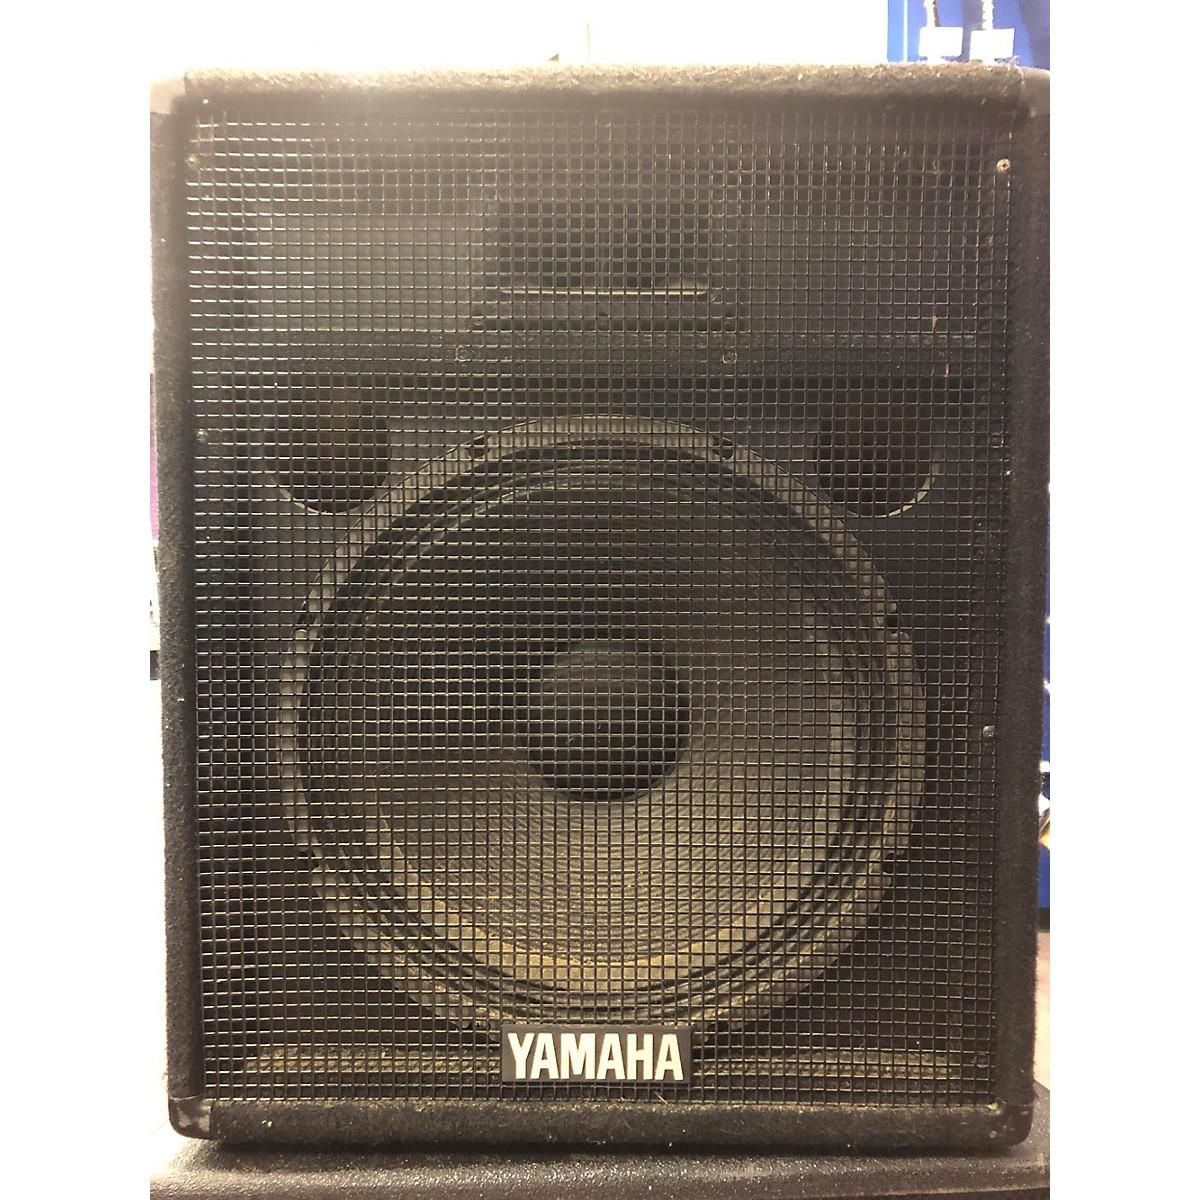 Yamaha 15in Unpowered Monitor